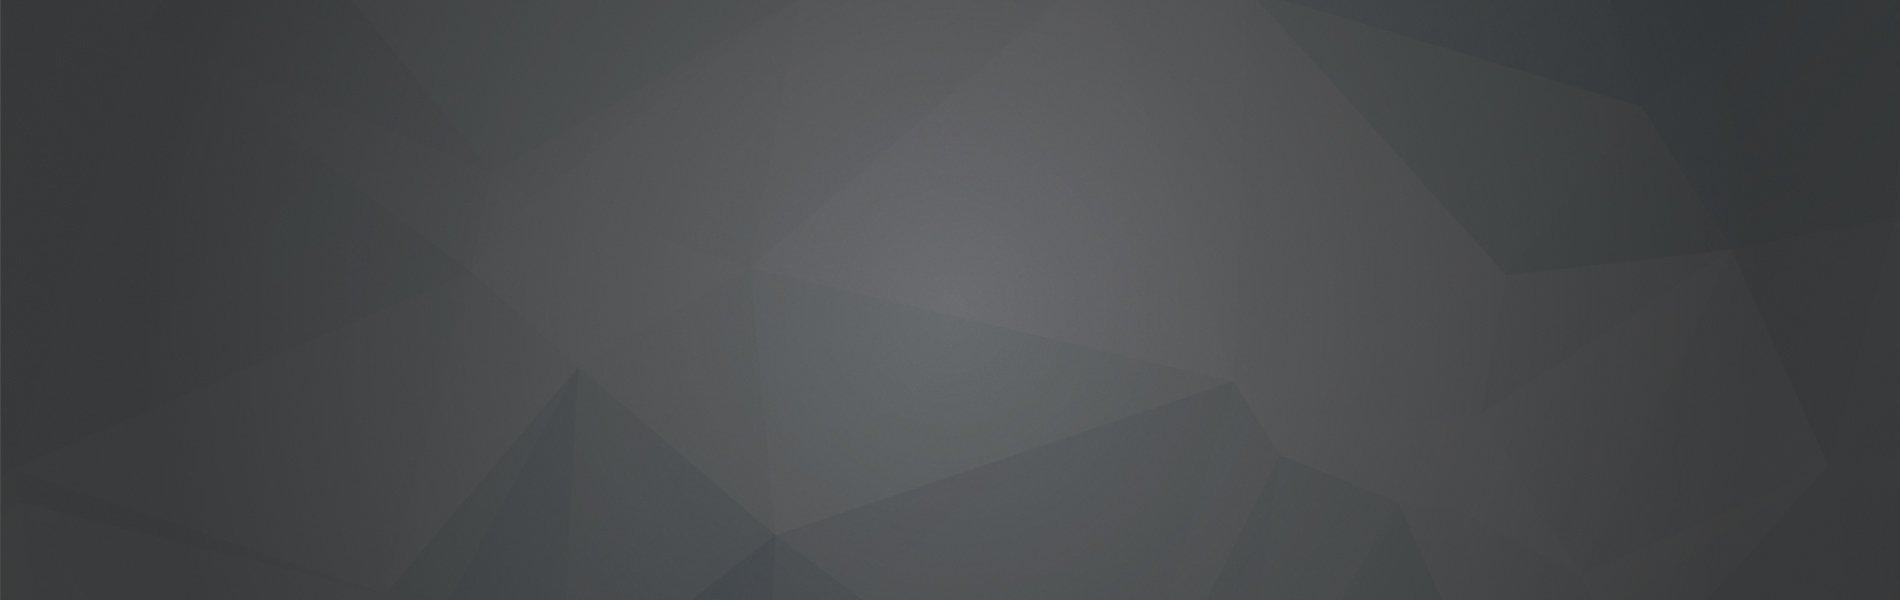 bg-mondo-promo-slider